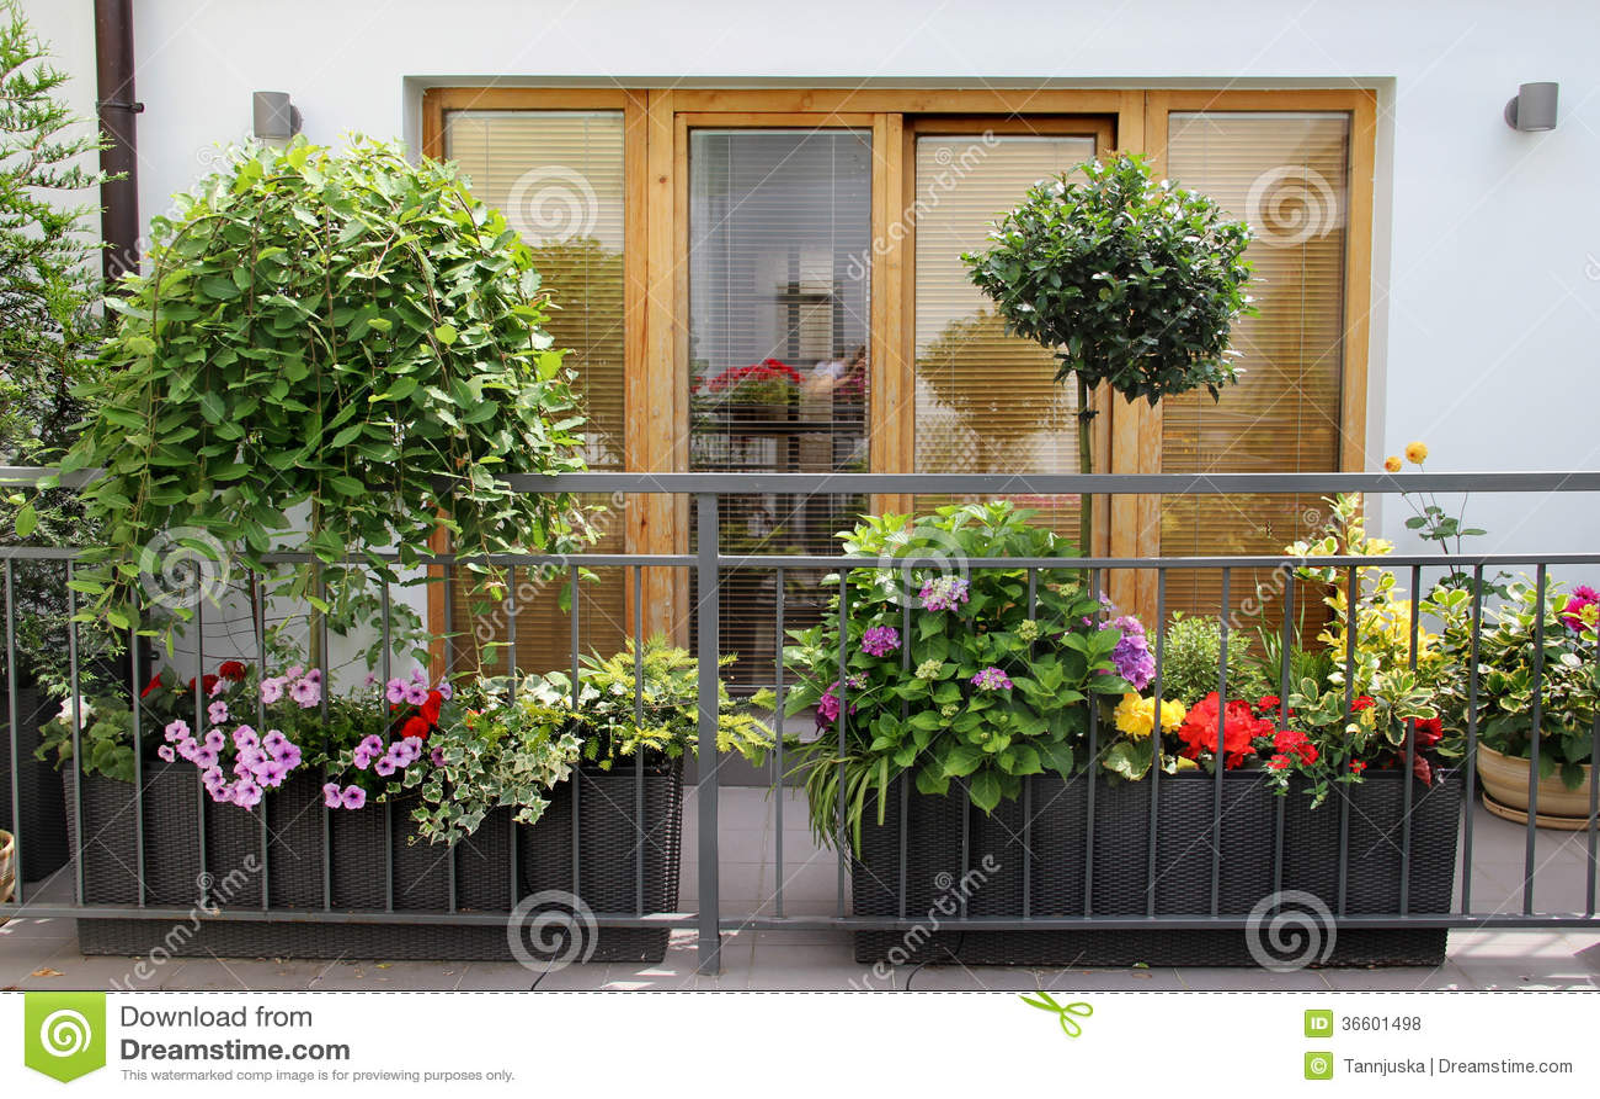 bello terrazzo moderno con molti fiori fotografie stock libere da diritti immagine 36601498. Black Bedroom Furniture Sets. Home Design Ideas